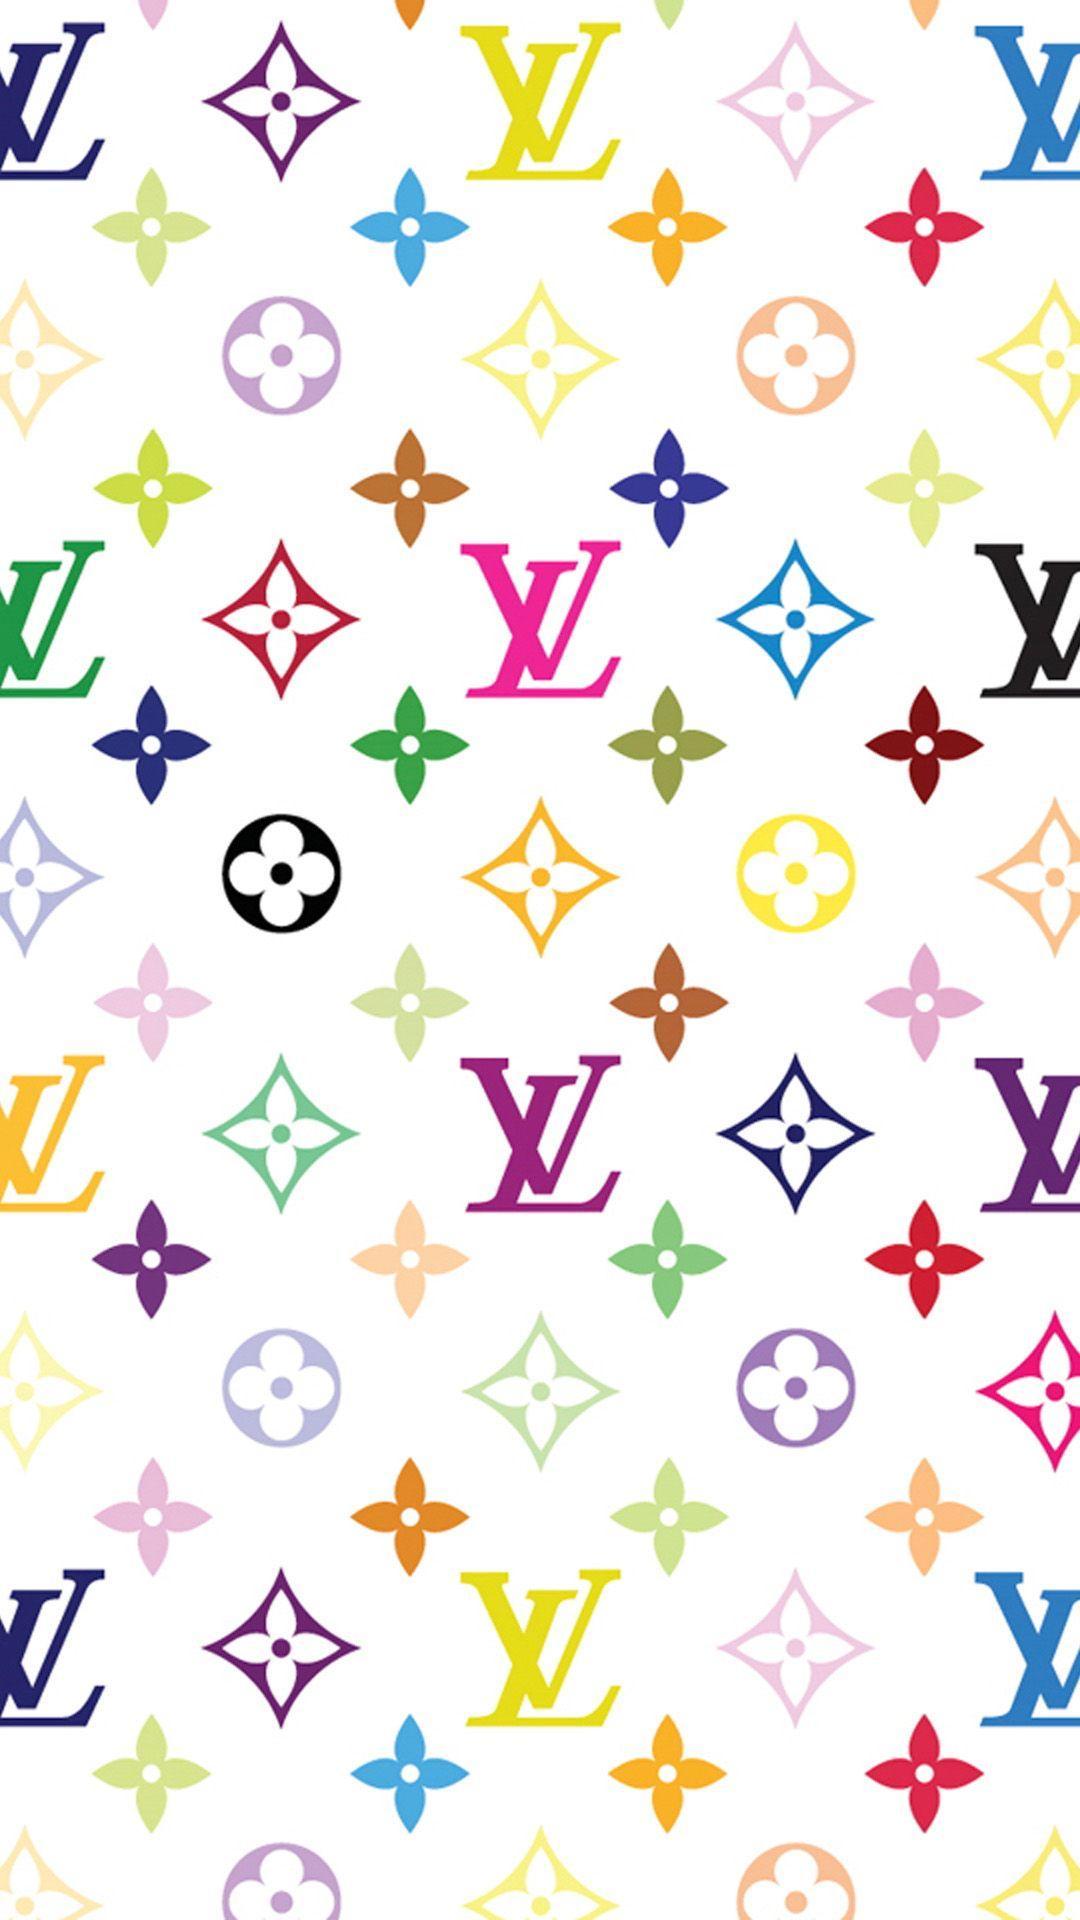 Pink Louis Vuitton Wallpapers - Top Free Pink Louis ...